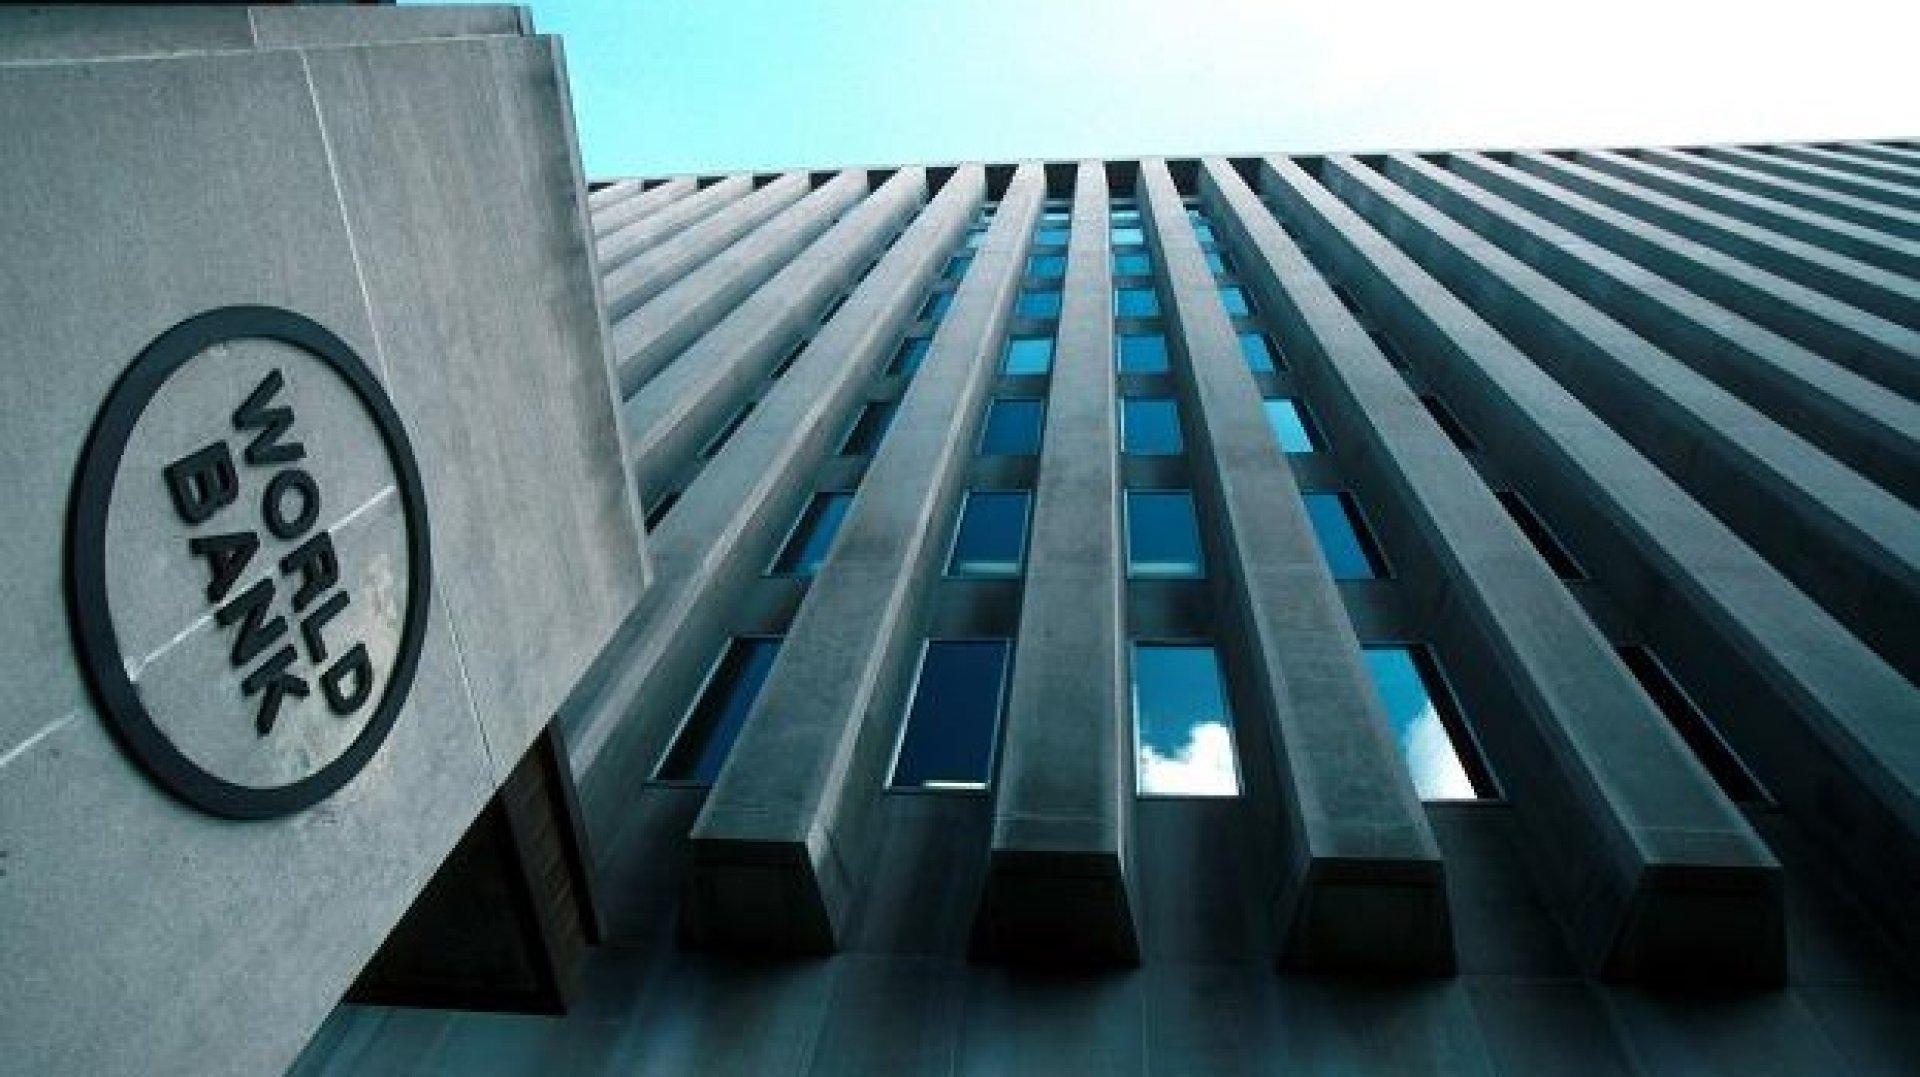 البنك الدولى يشيد بالإصلاح الاقتصادى بمصر وزيادة الاستثمار الأجنبى لـ9 مليارات دولار